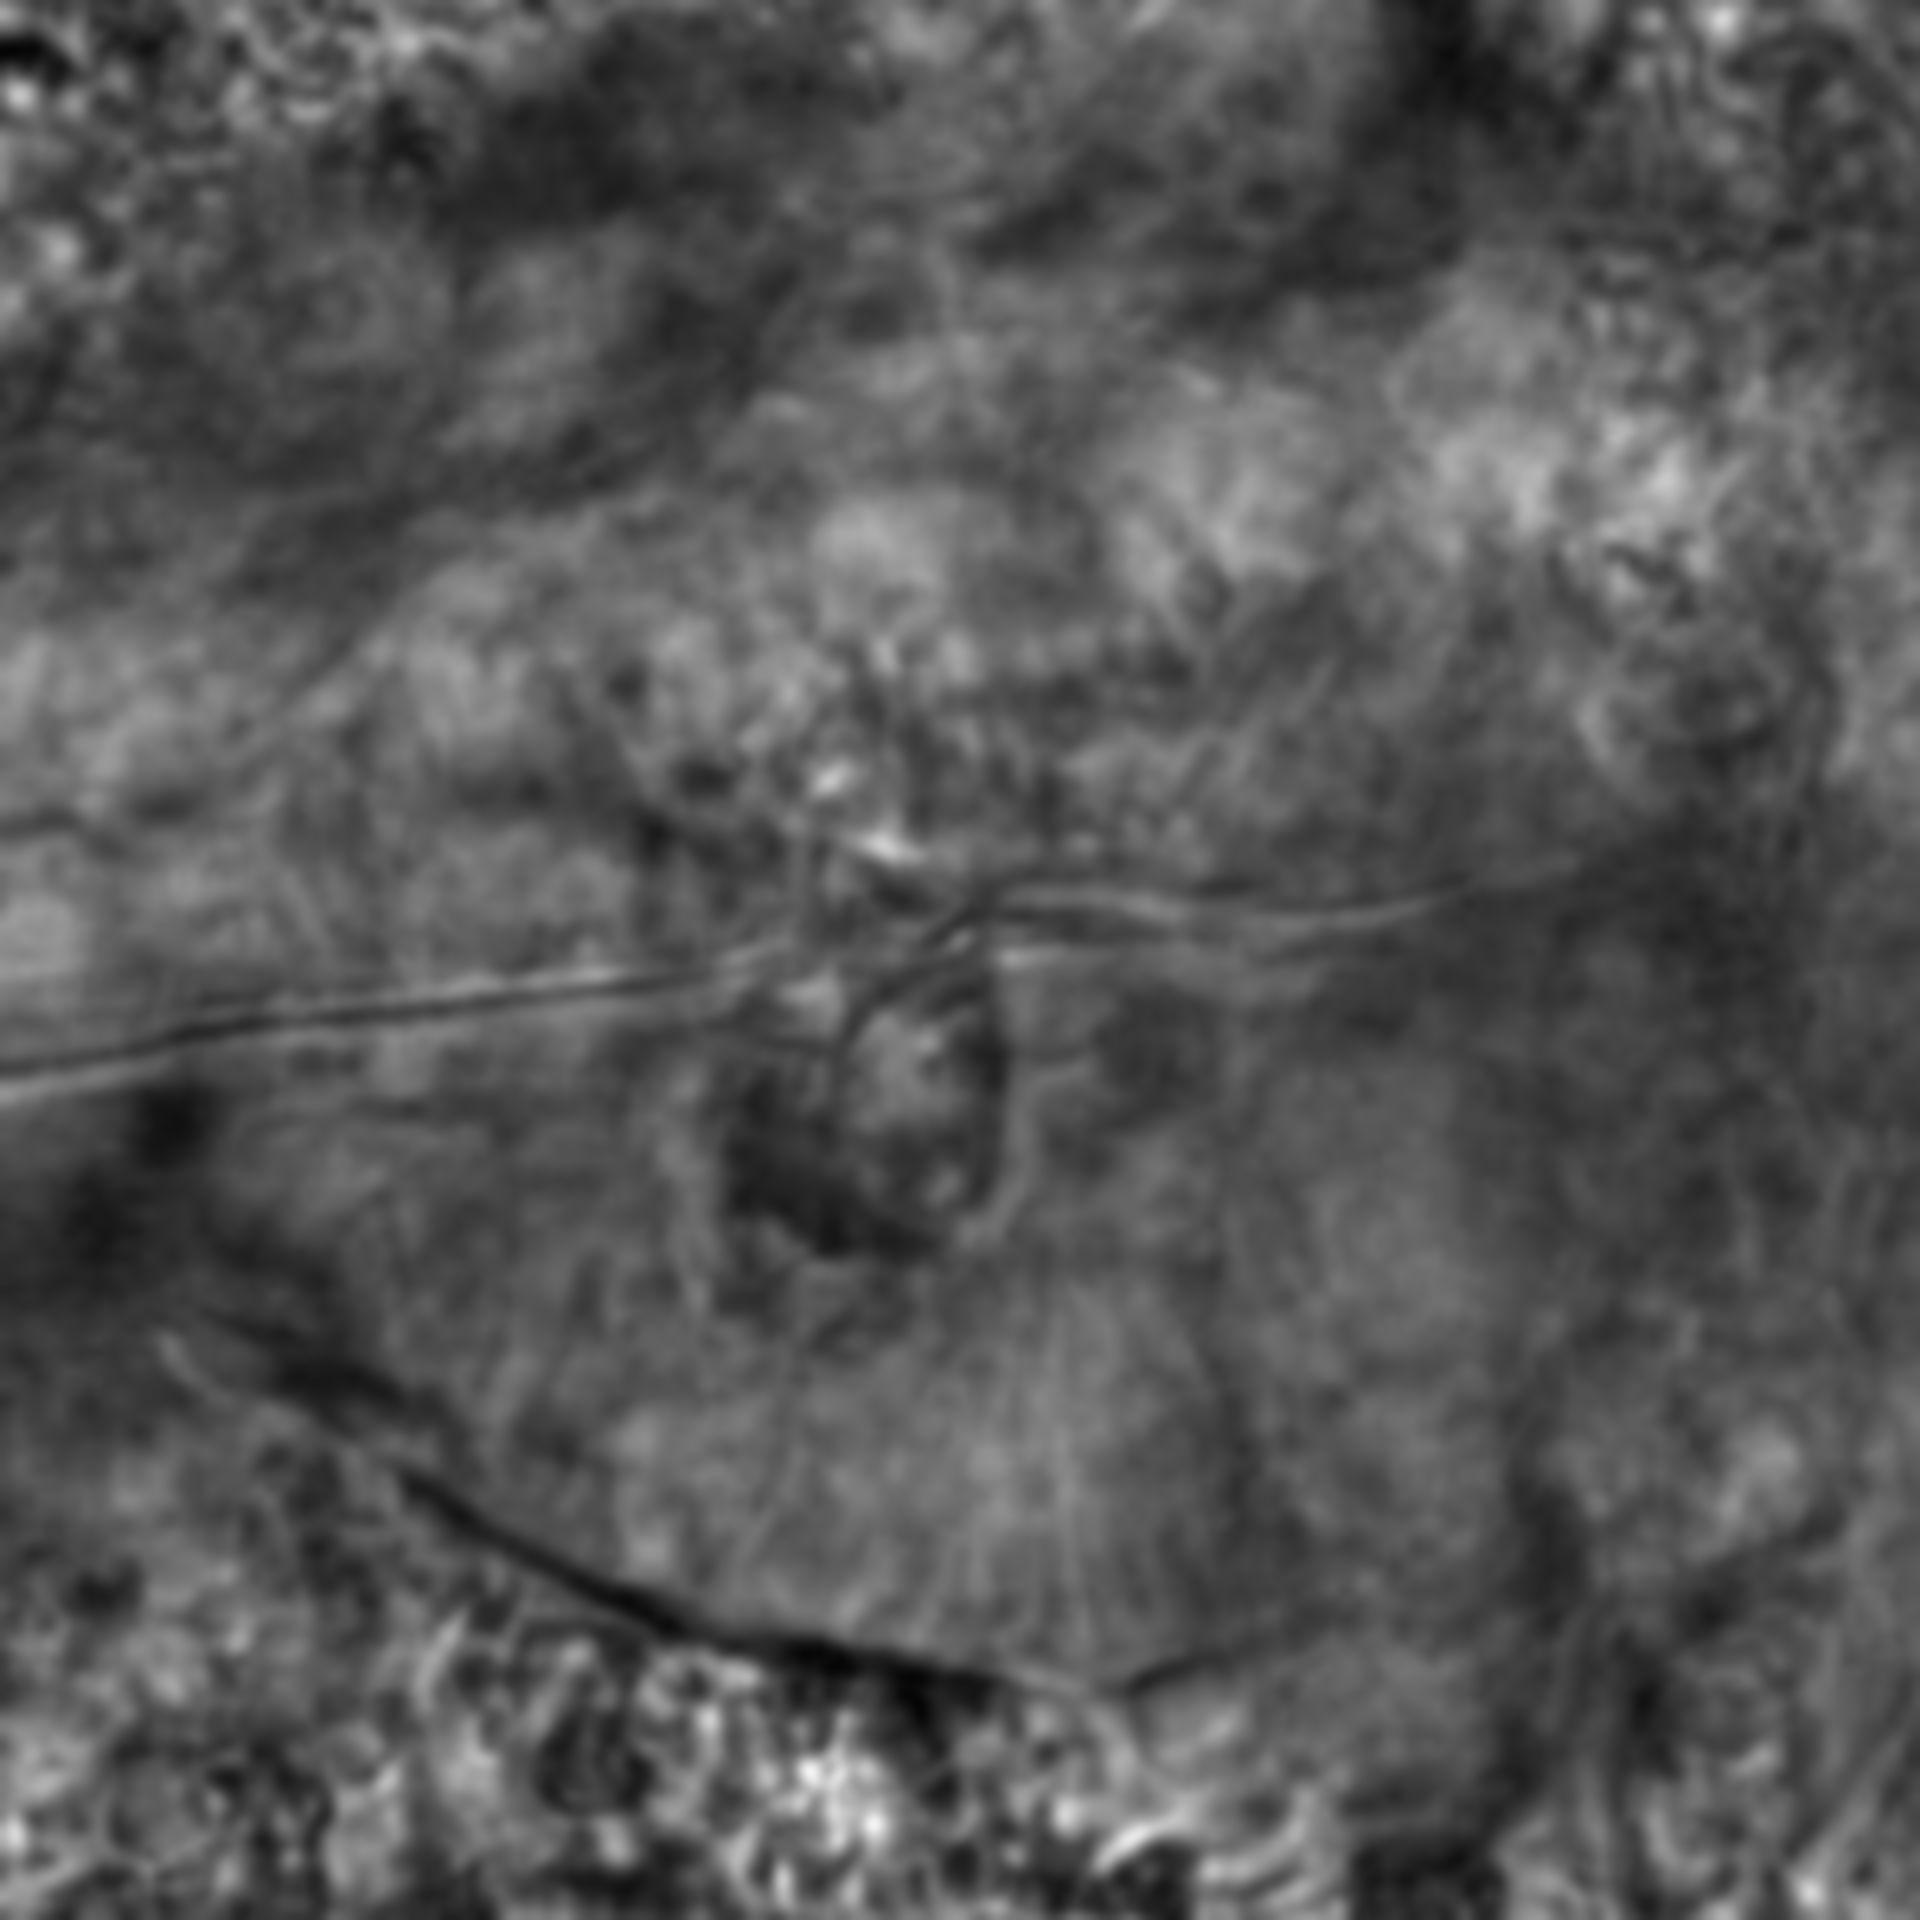 Caenorhabditis elegans - CIL:2136